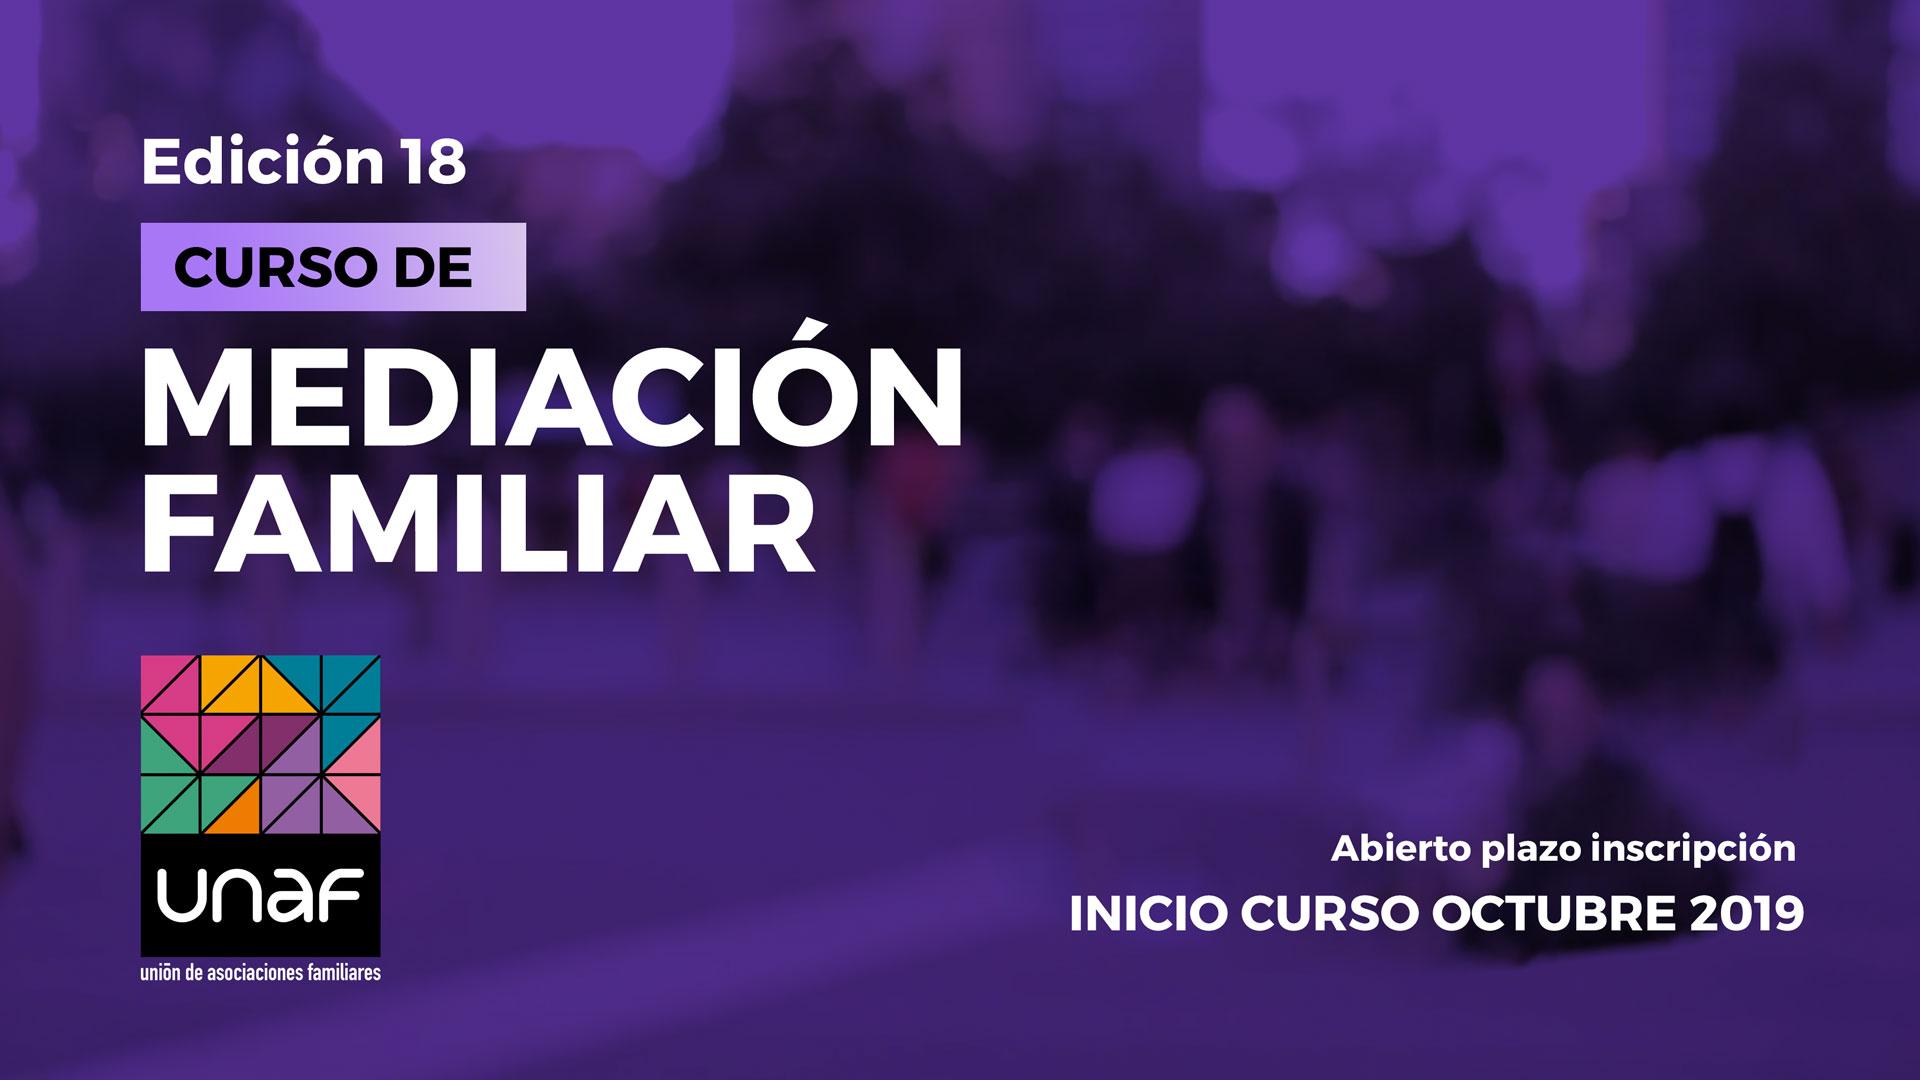 Abierta la inscripción para el Curso de Mediación Familiar 2019/2020